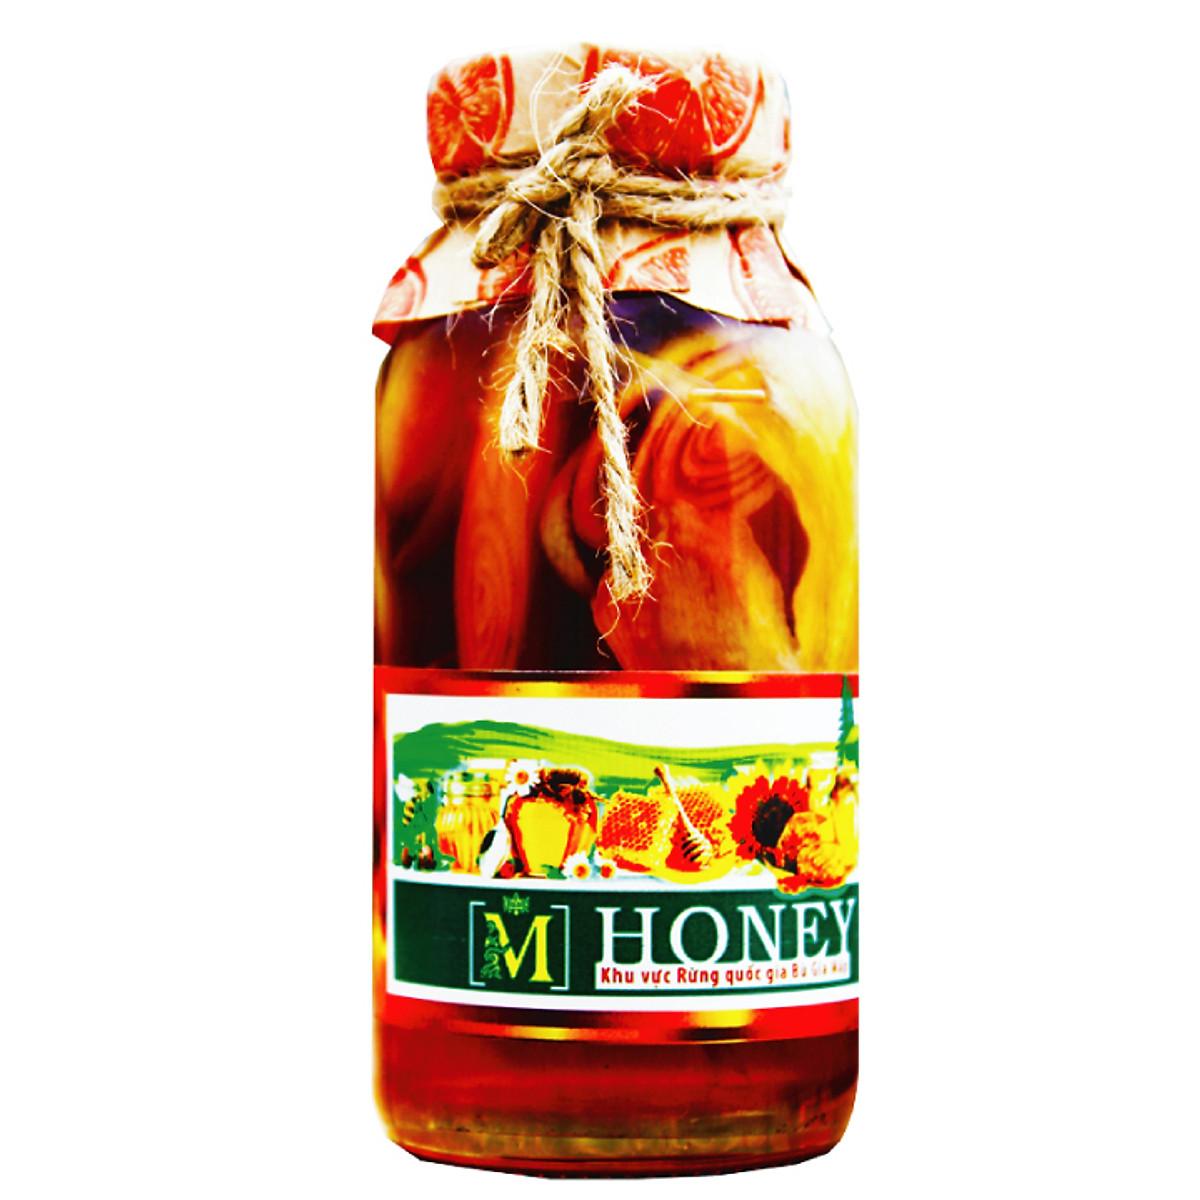 Mật ong rừng ngâm thảo dược quí - Trị ho, Viêm họng, giải độc, giảm cân, đẹp da 100ml